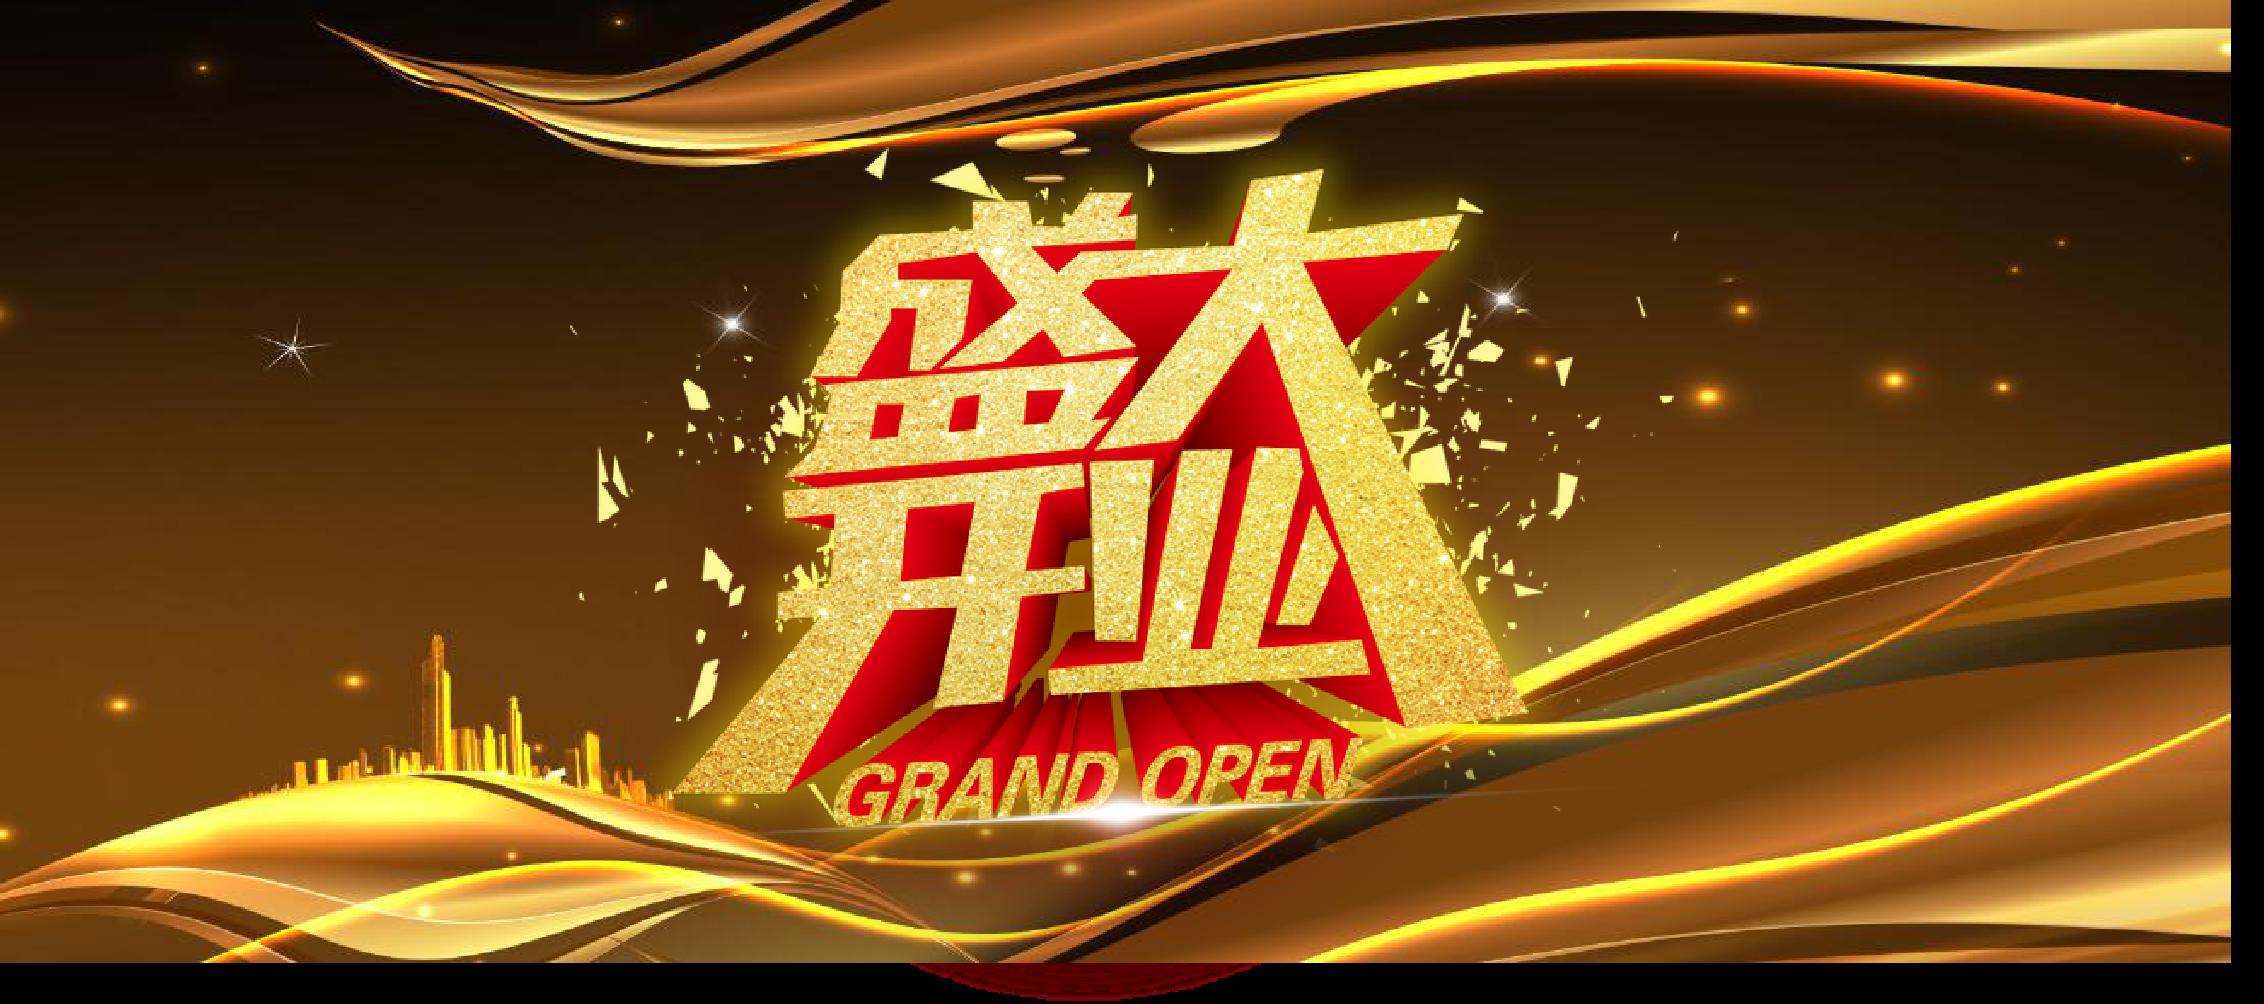 开业大吉,高度燃西南——北京建筑装饰设计集团有限公司西南公司挂牌成立